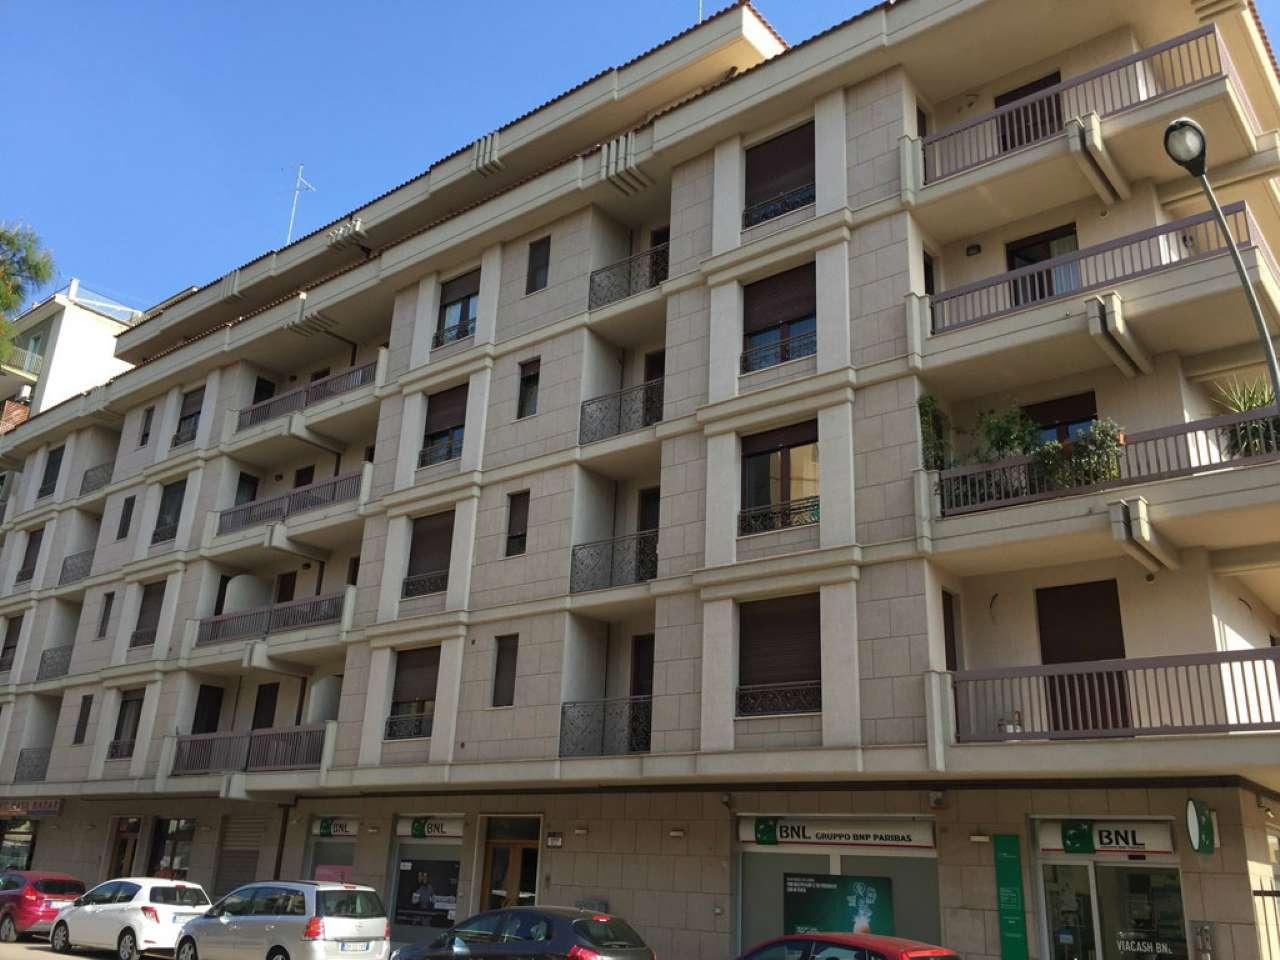 Appartamento in vendita a Foggia, 2 locali, prezzo € 150.000 | CambioCasa.it